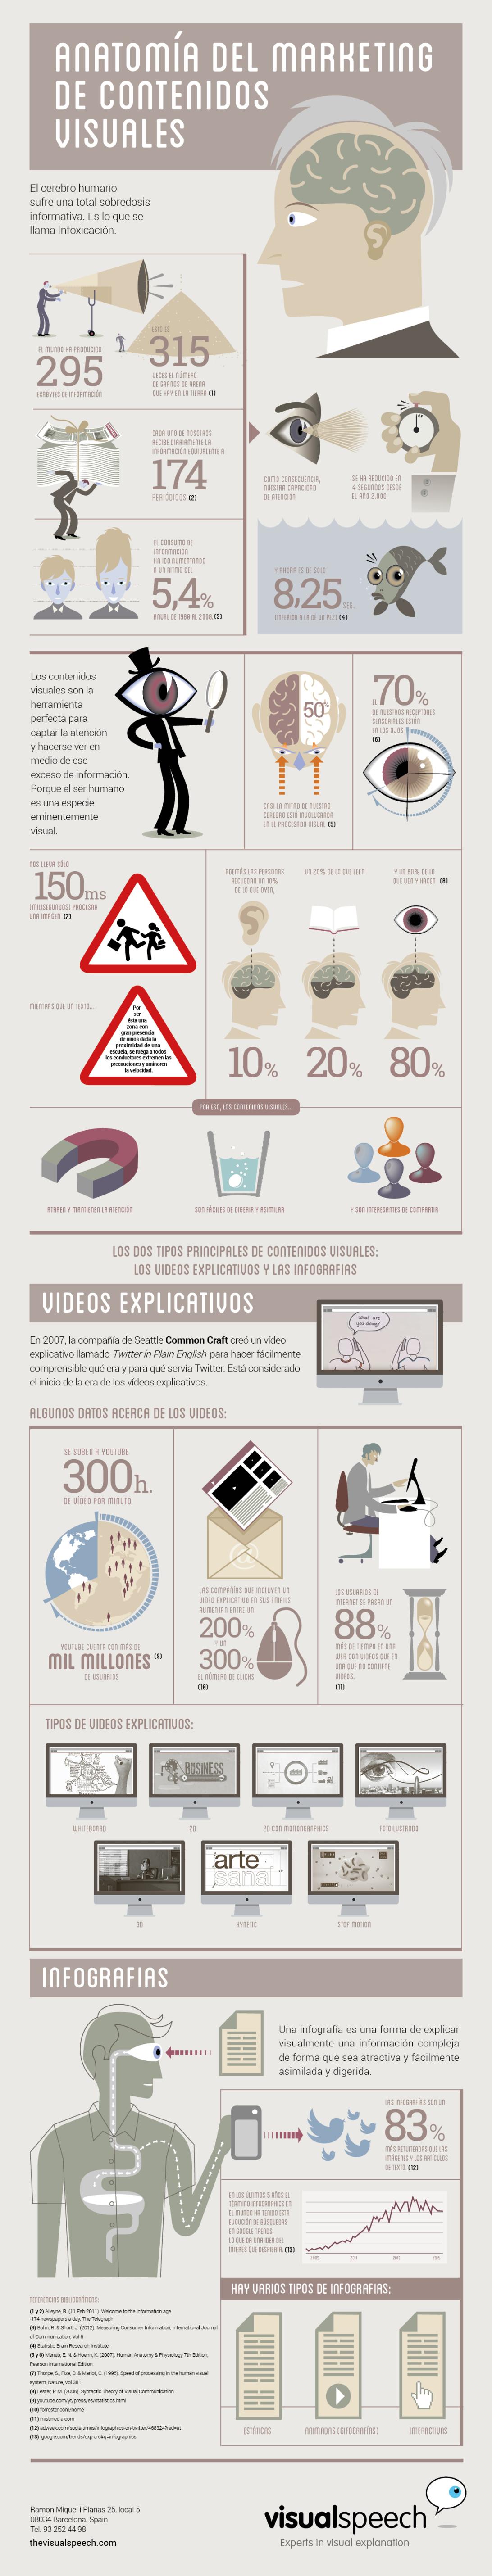 ANATOMÍA DEL MARKETING DE CONTENIDOS VISUALES #INFOGRAFIA ...